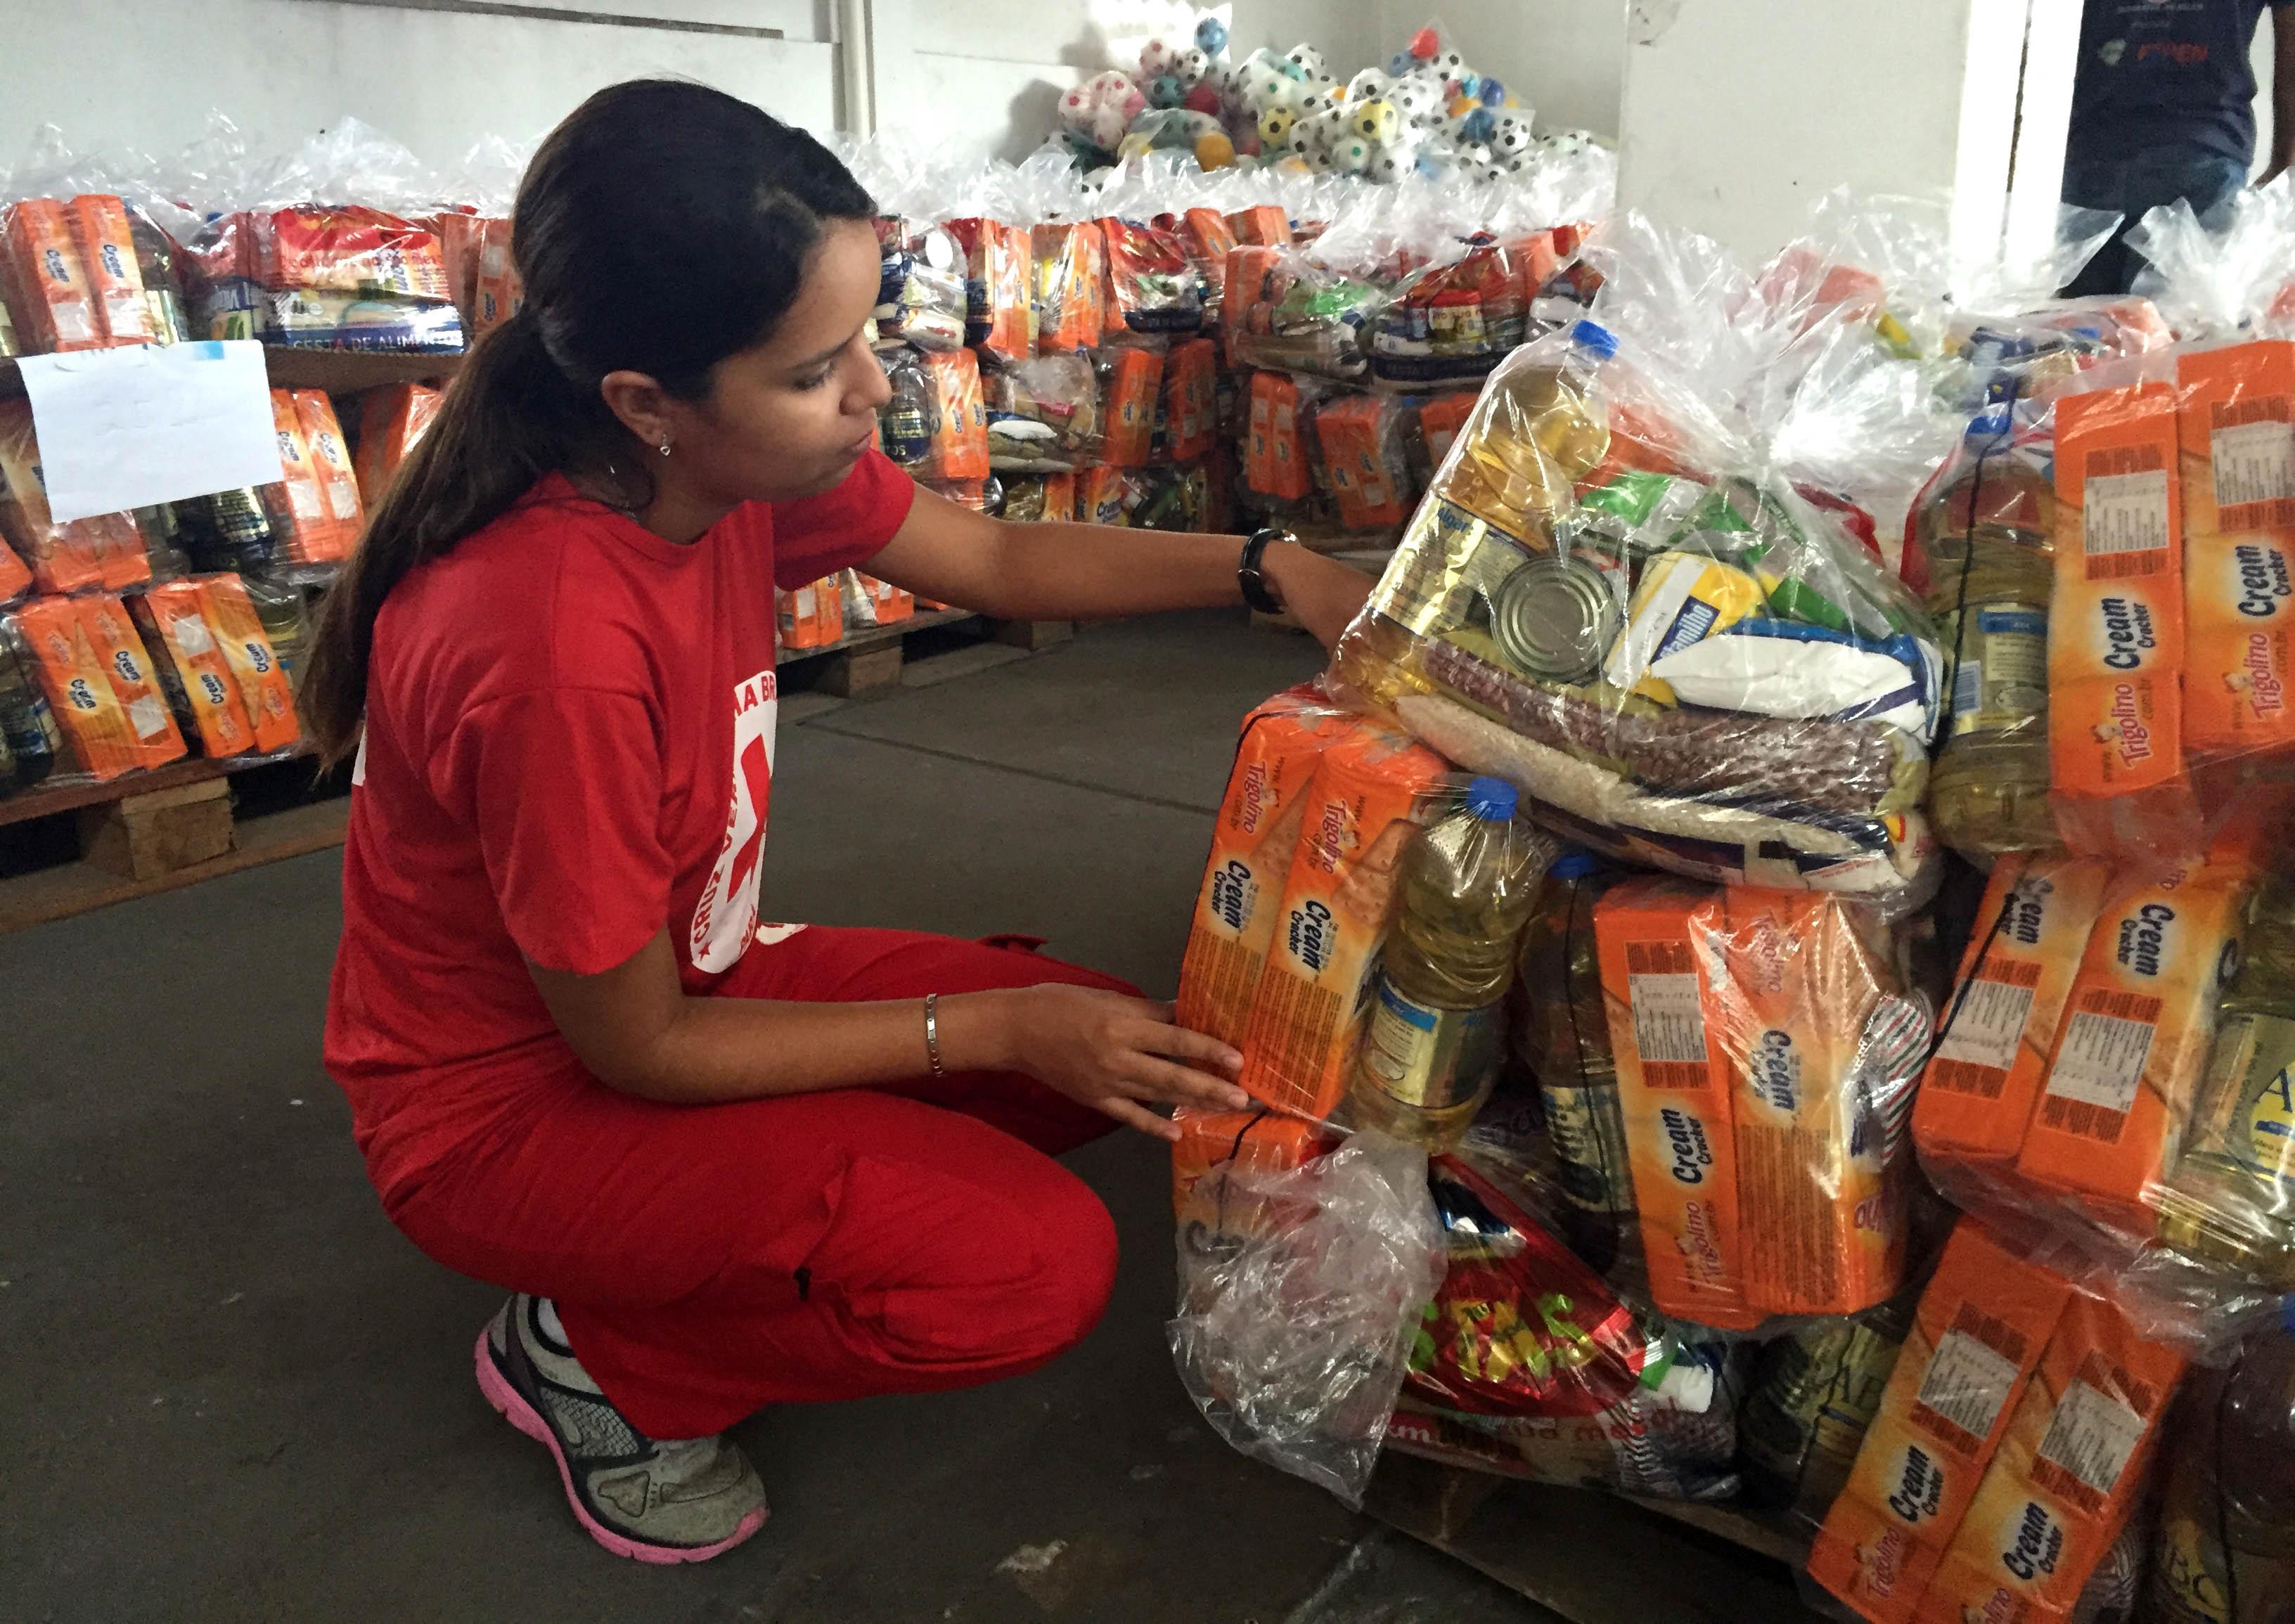 Assistência Social - geral - doações trabalho voluntário voluntariado donativos mobilização alimentos desabrigados chuva tragédia